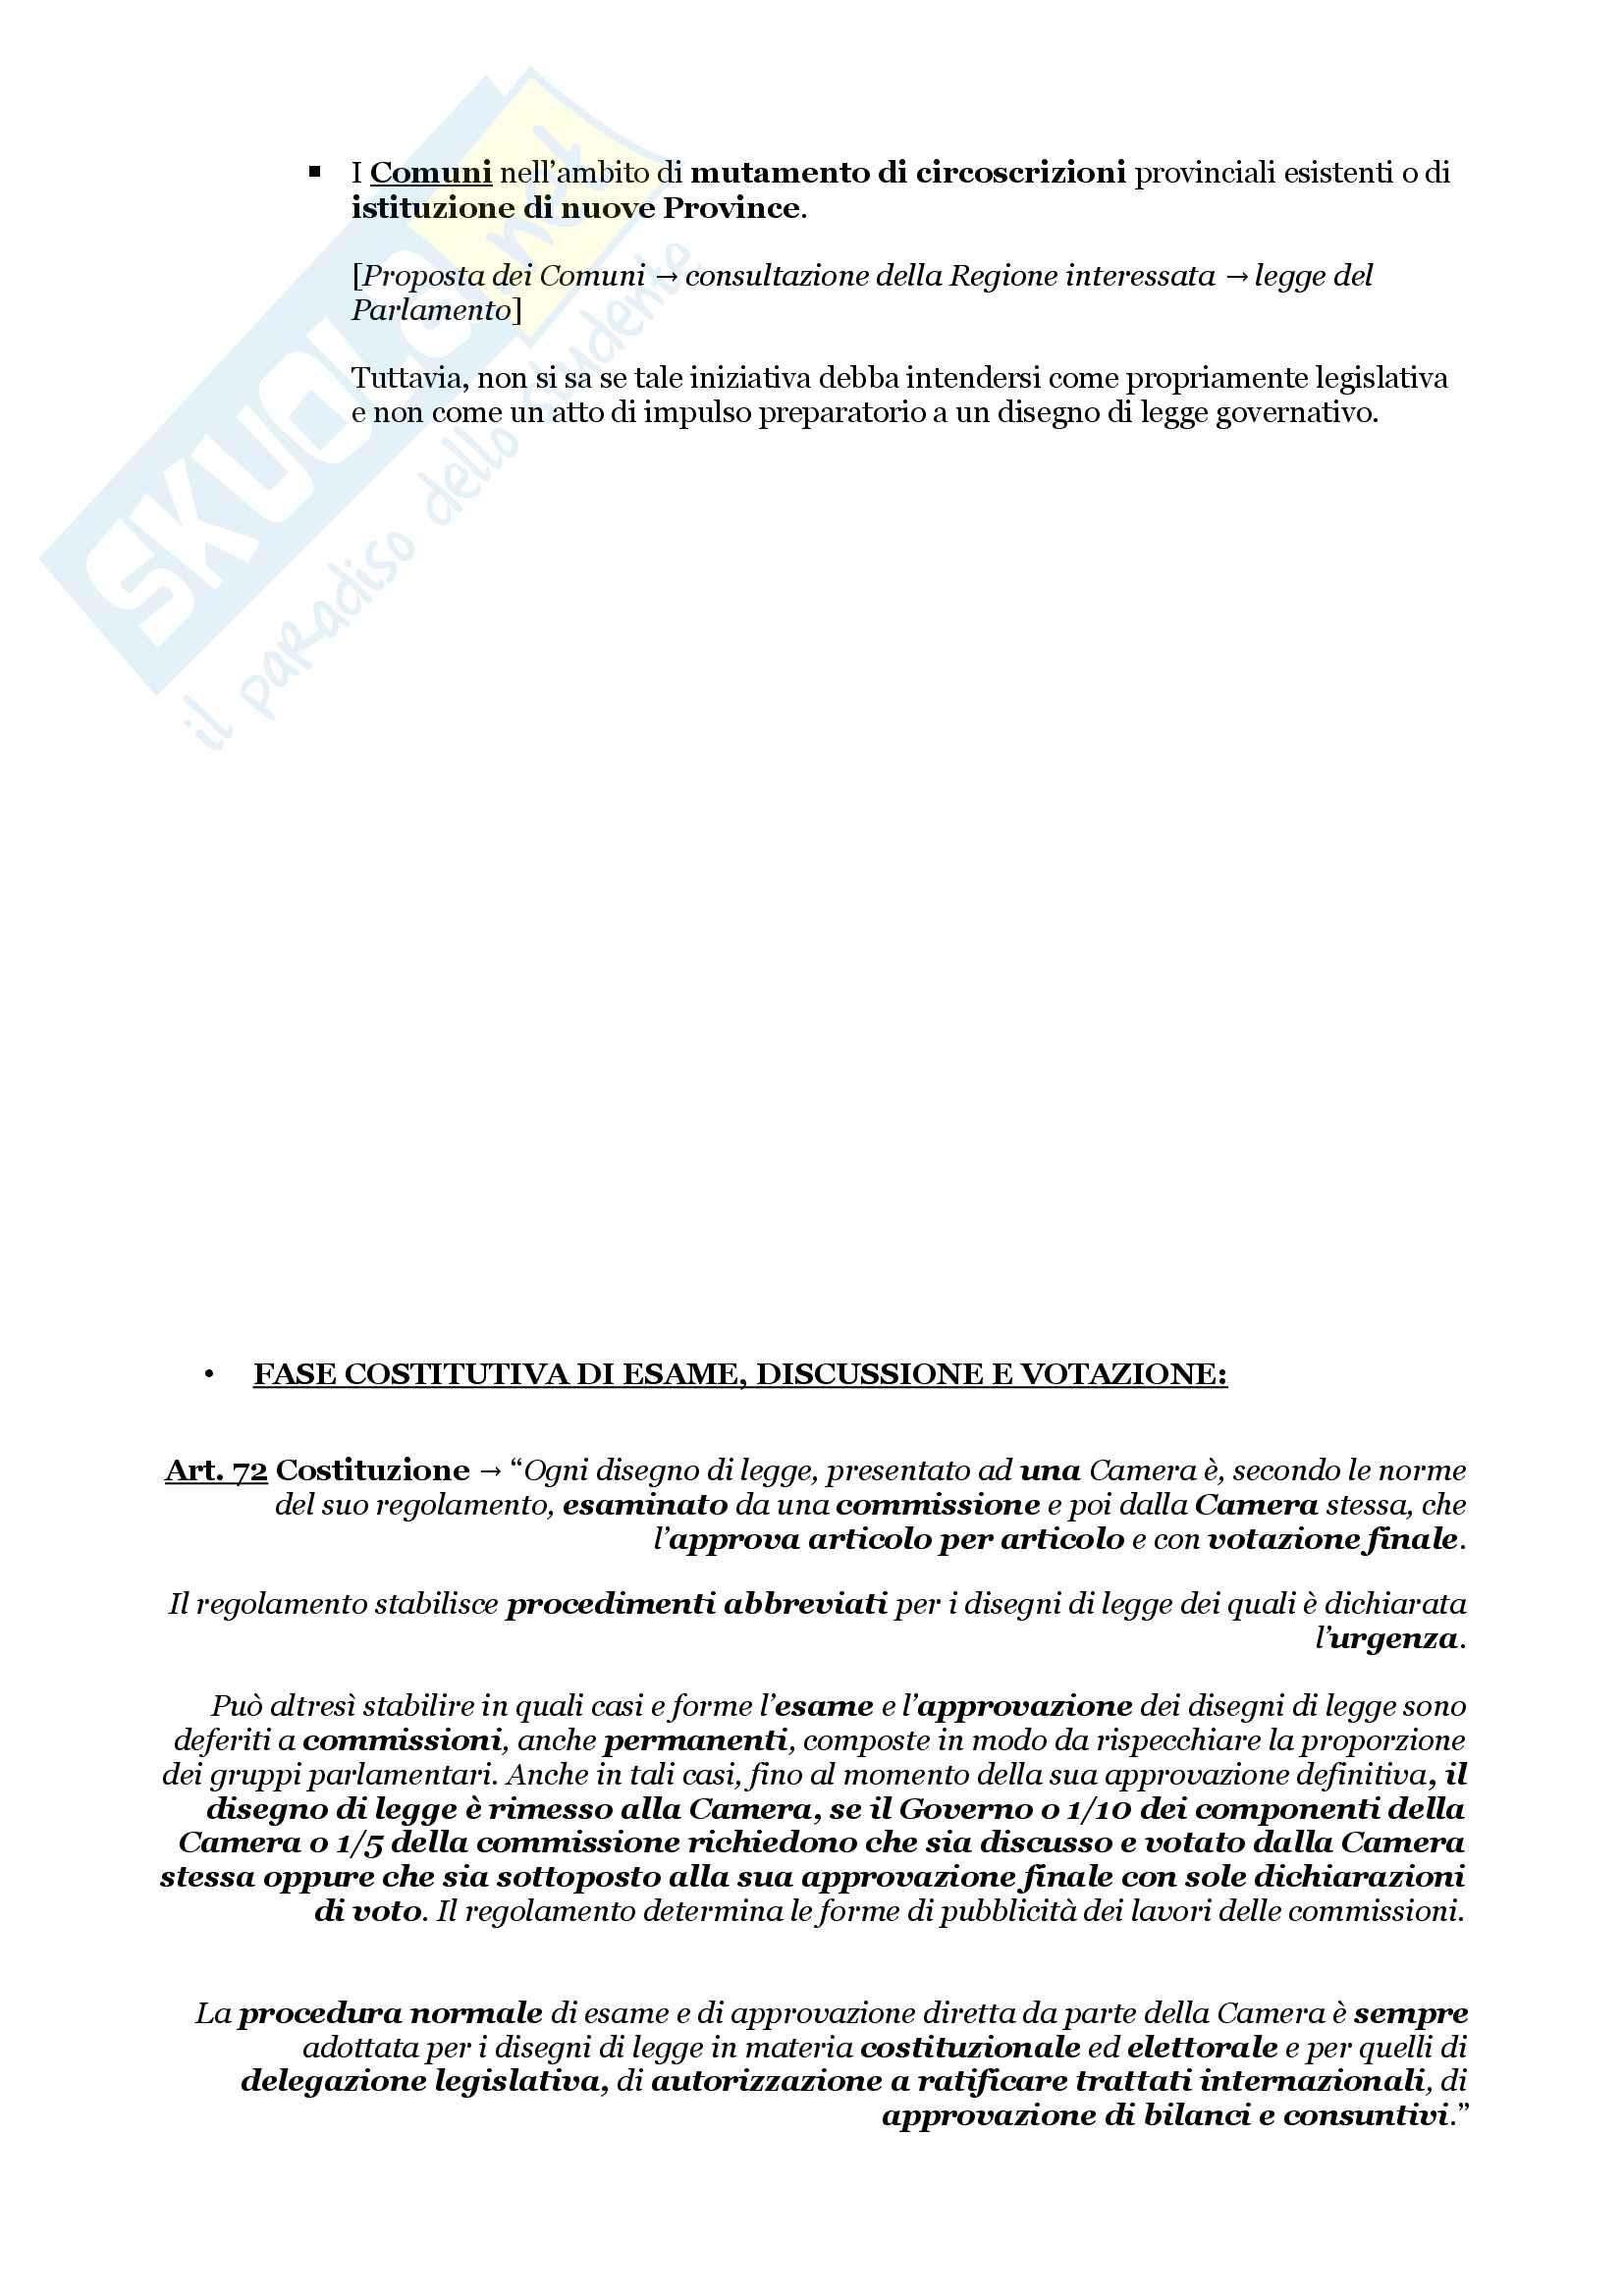 Schemi riassuntivi di istituzioni di diritto pubblico (libro di riferimento: Diritto costituzionale e pubblico, Carretti, De Siervo) Pag. 11